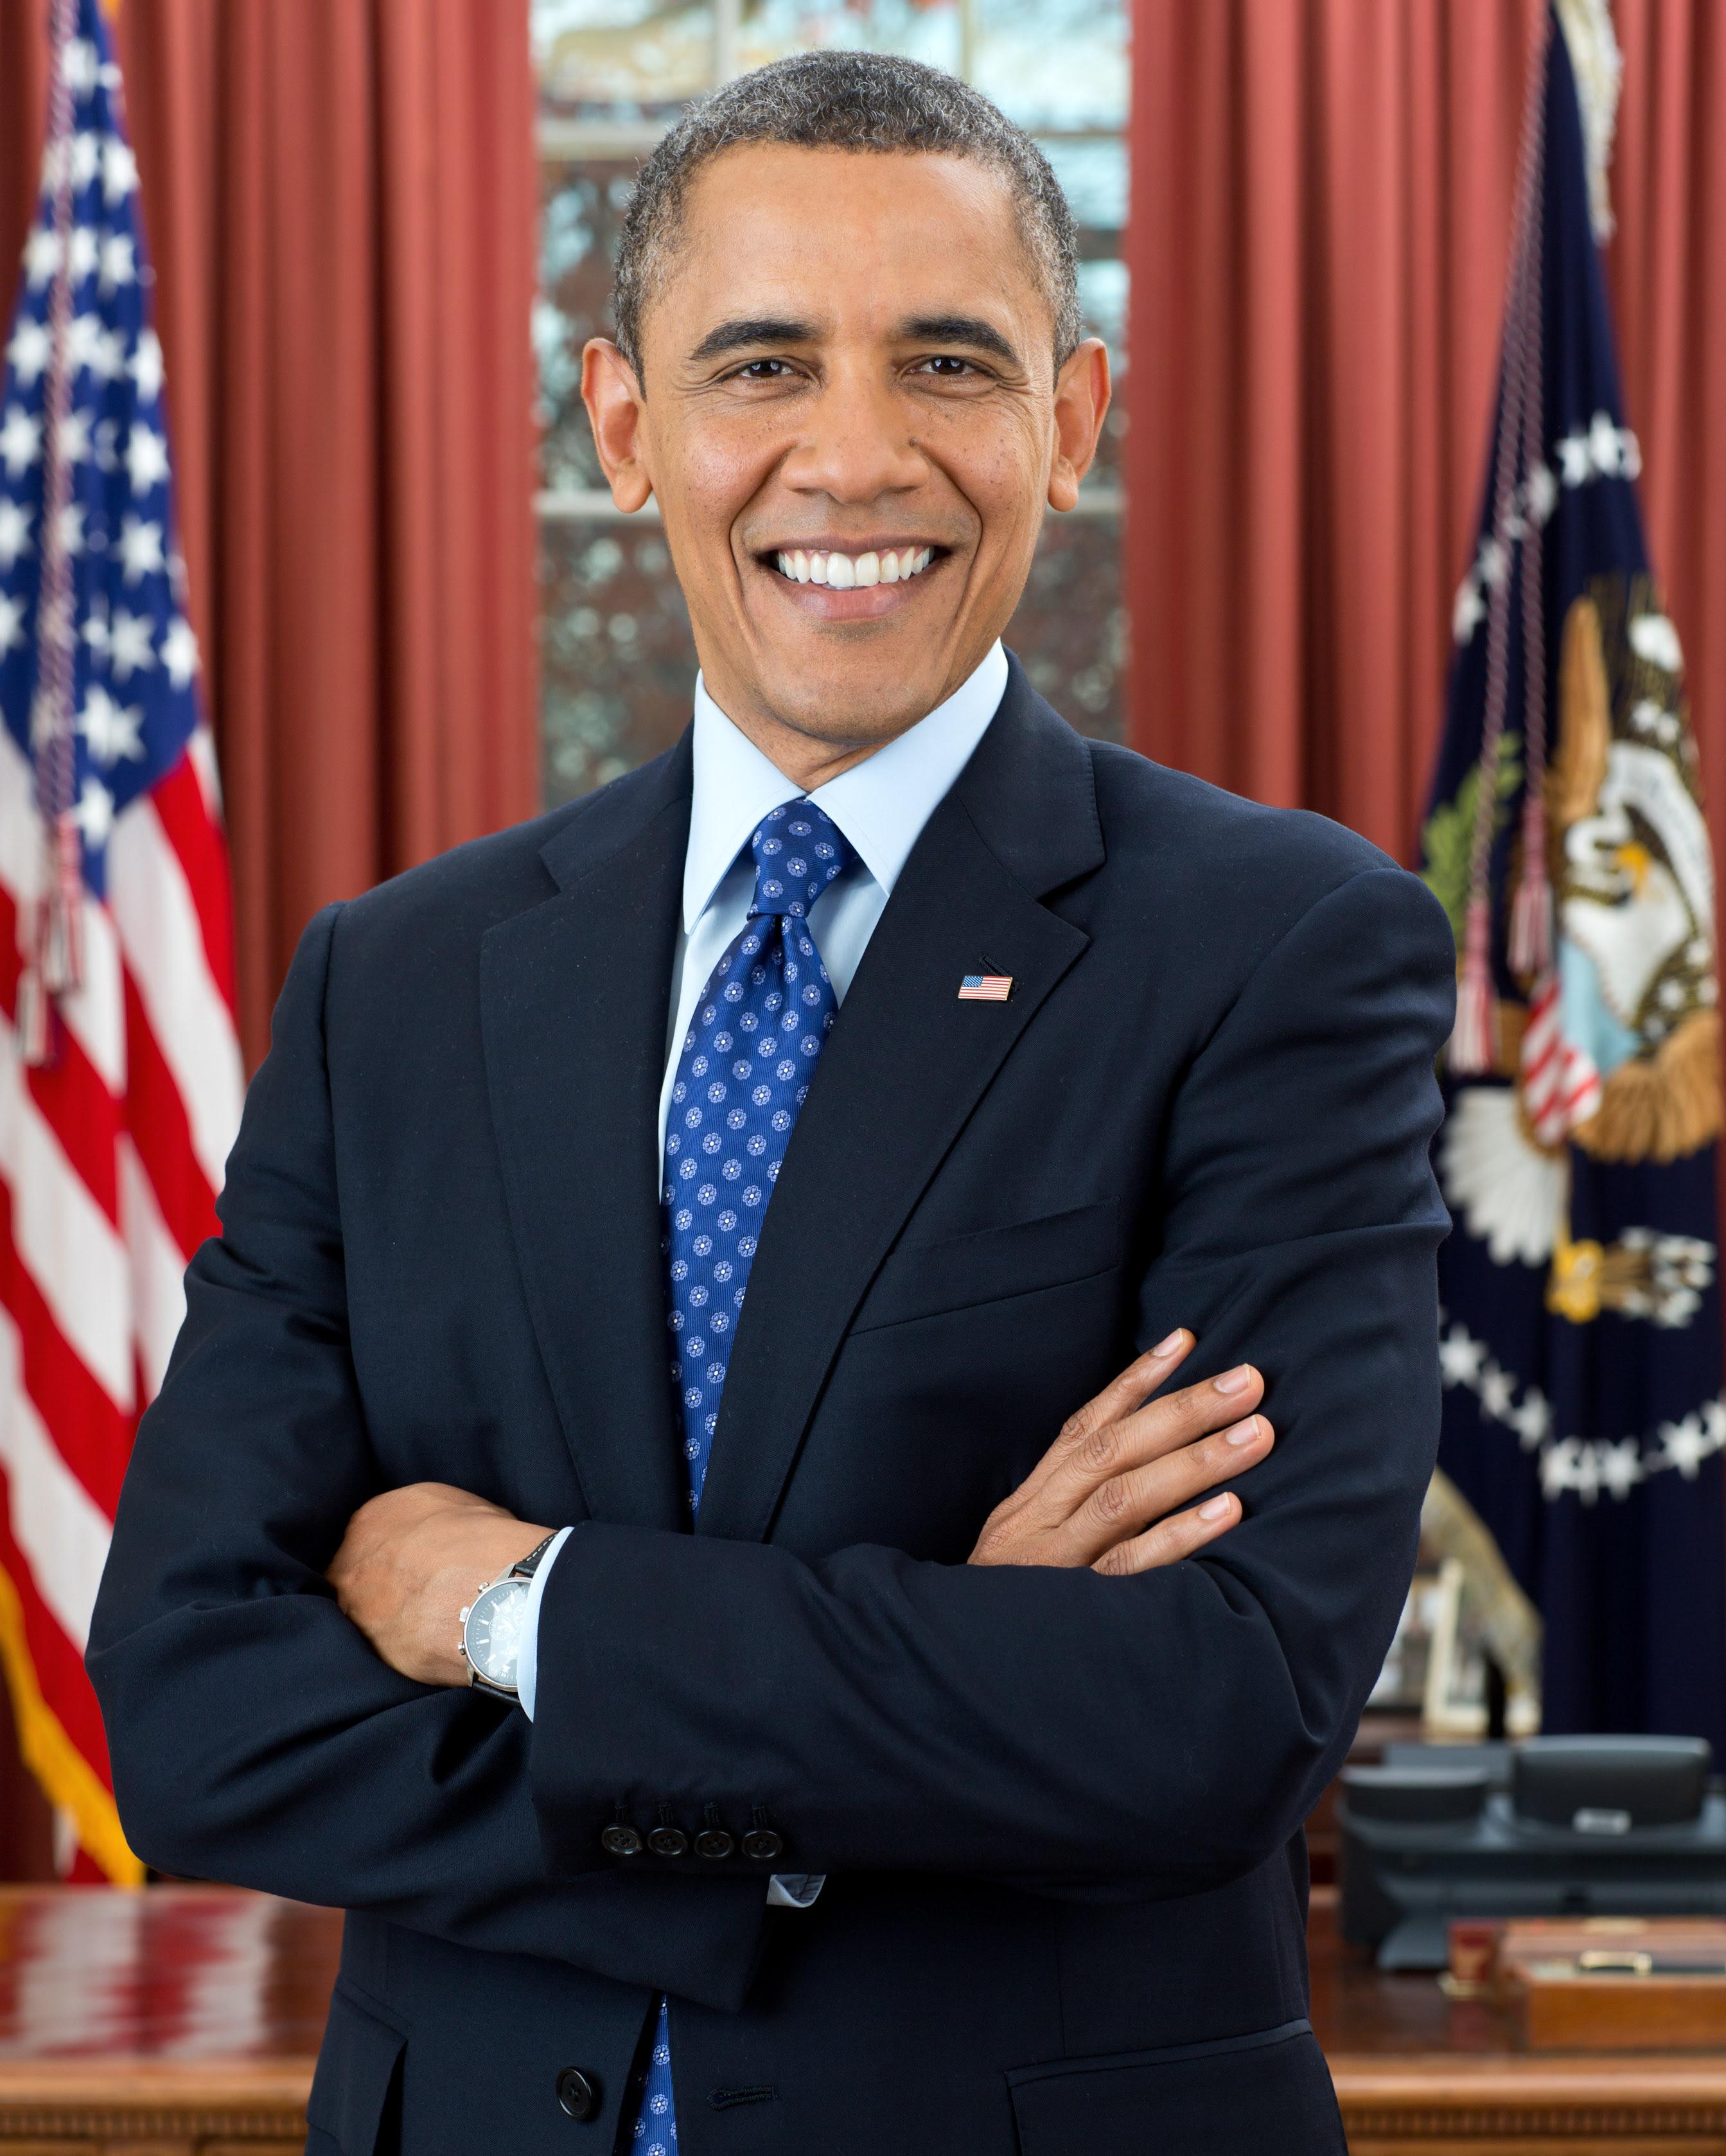 http://upload.wikimedia.org/wikipedia/commons/8/8d/President_Barack_Obama.jpg